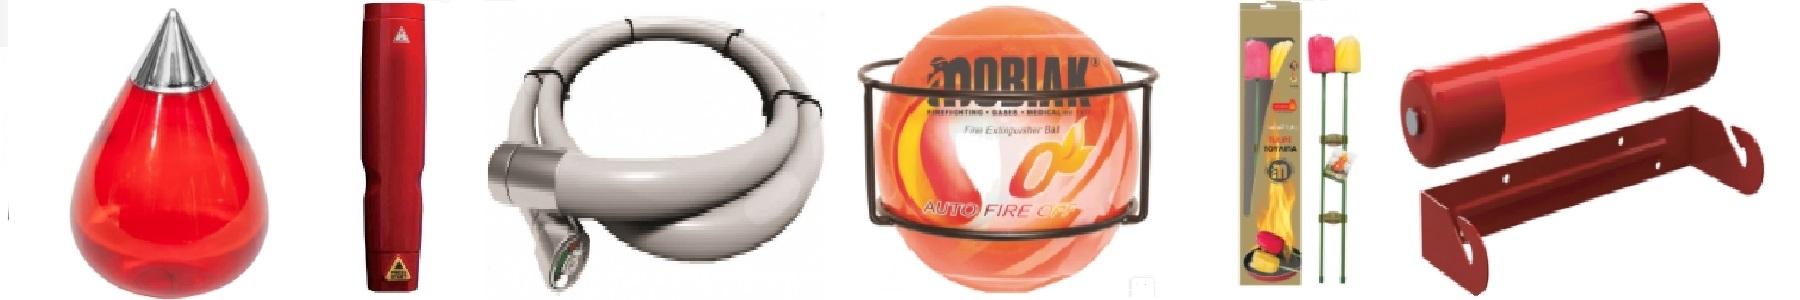 Ειδικοί τύποι πυροσβεστήρων